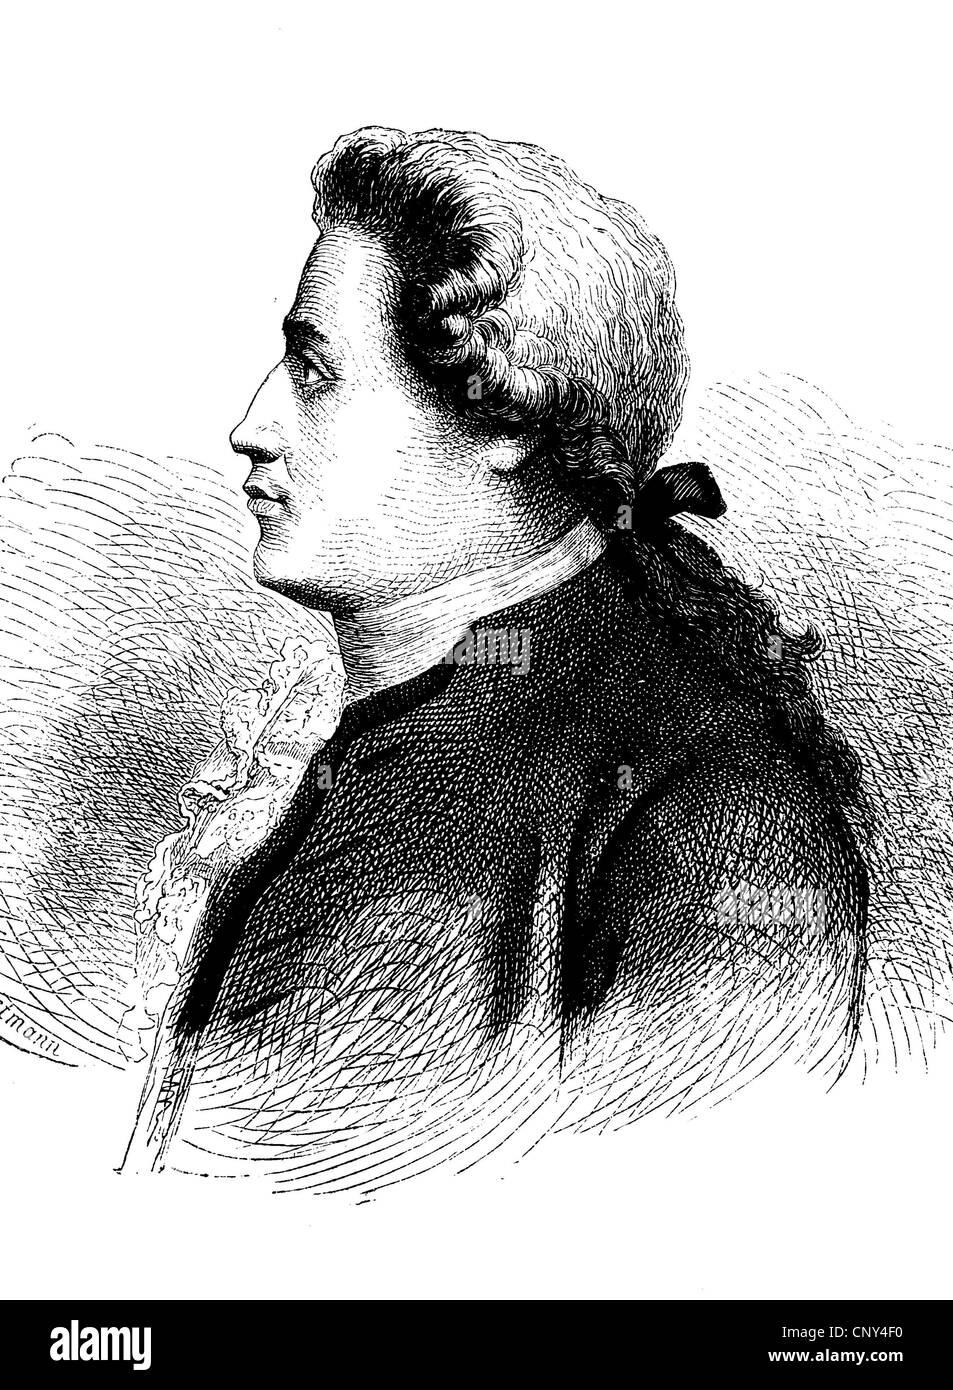 Johann Georg Adam Forster (1754-1794) was a German naturalist, ethnologist, travel writer, journalist, essayist - Stock Image